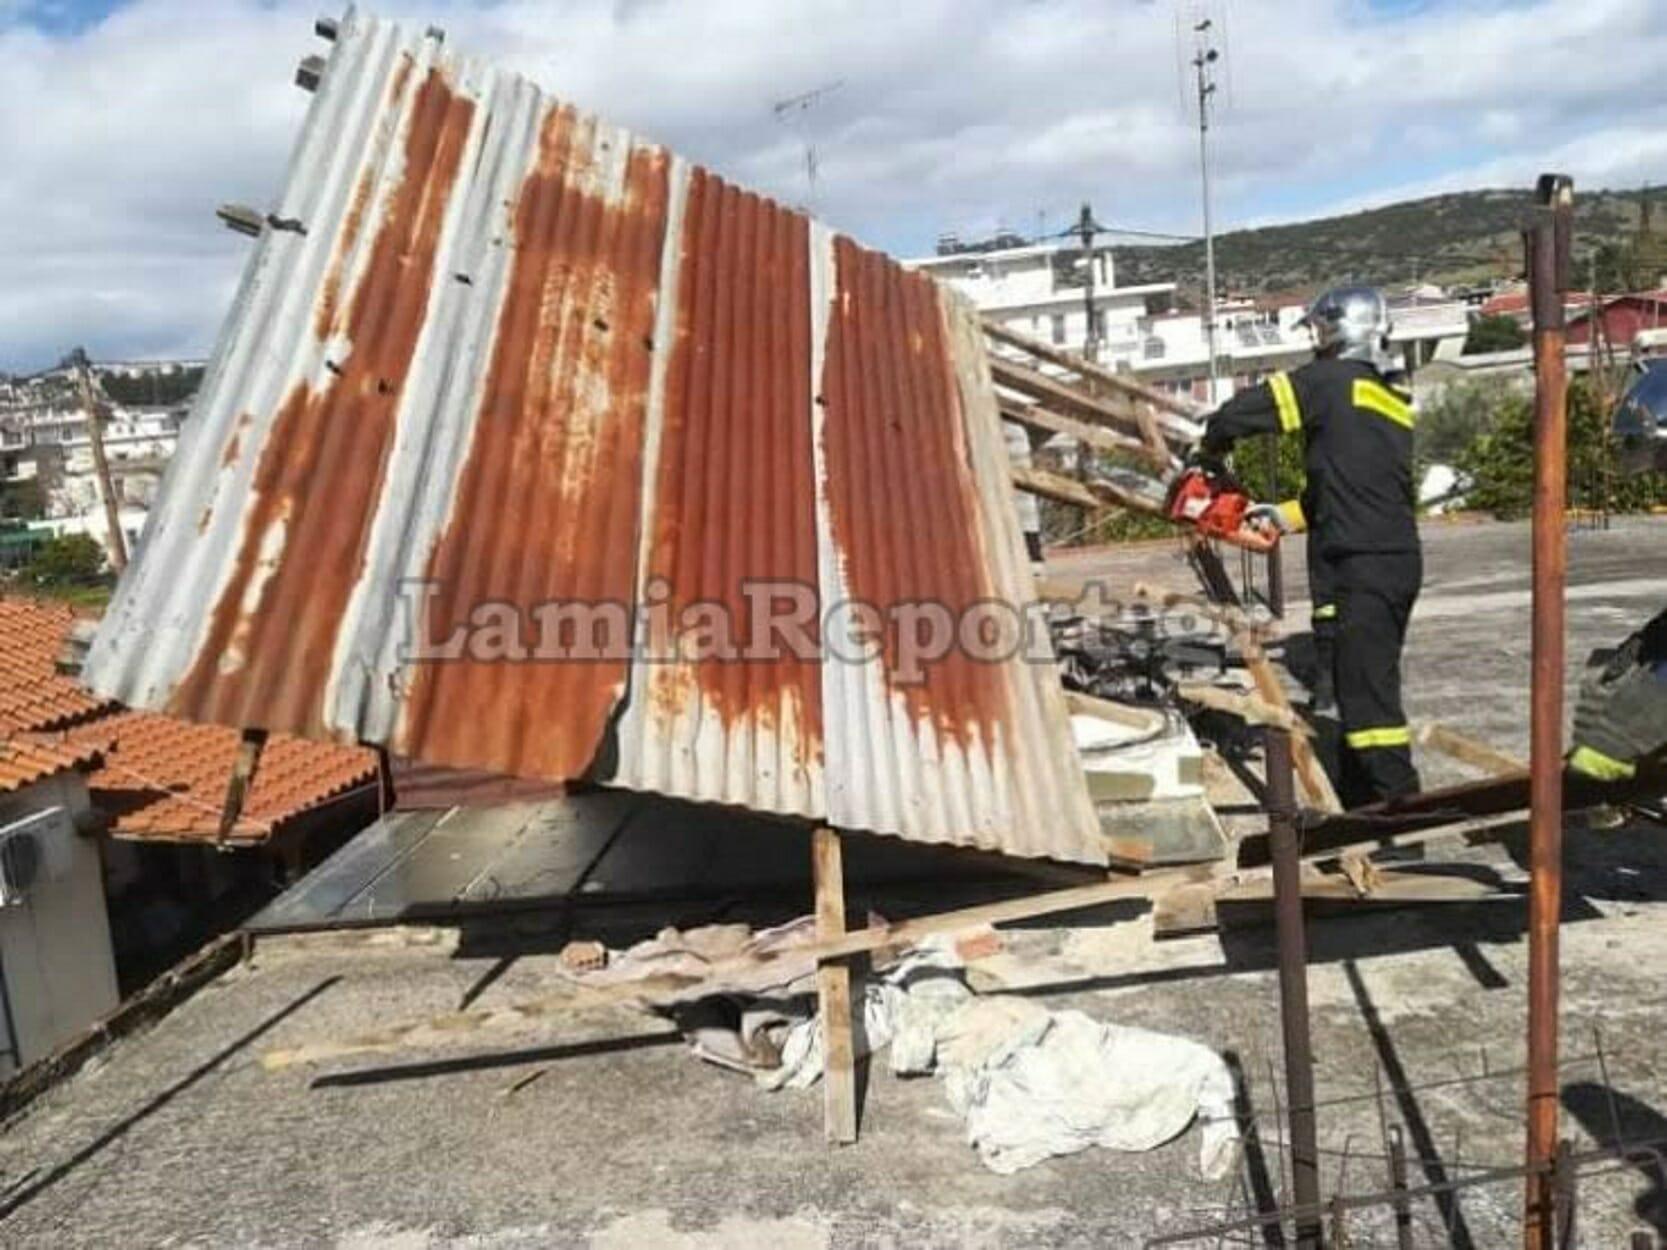 Λαμία: Ο πολύ δυνατός αέρας ξήλωσε σκεπή και έσπασε δέντρα - Επέμβαση της Πυροσβεστικής [pics]